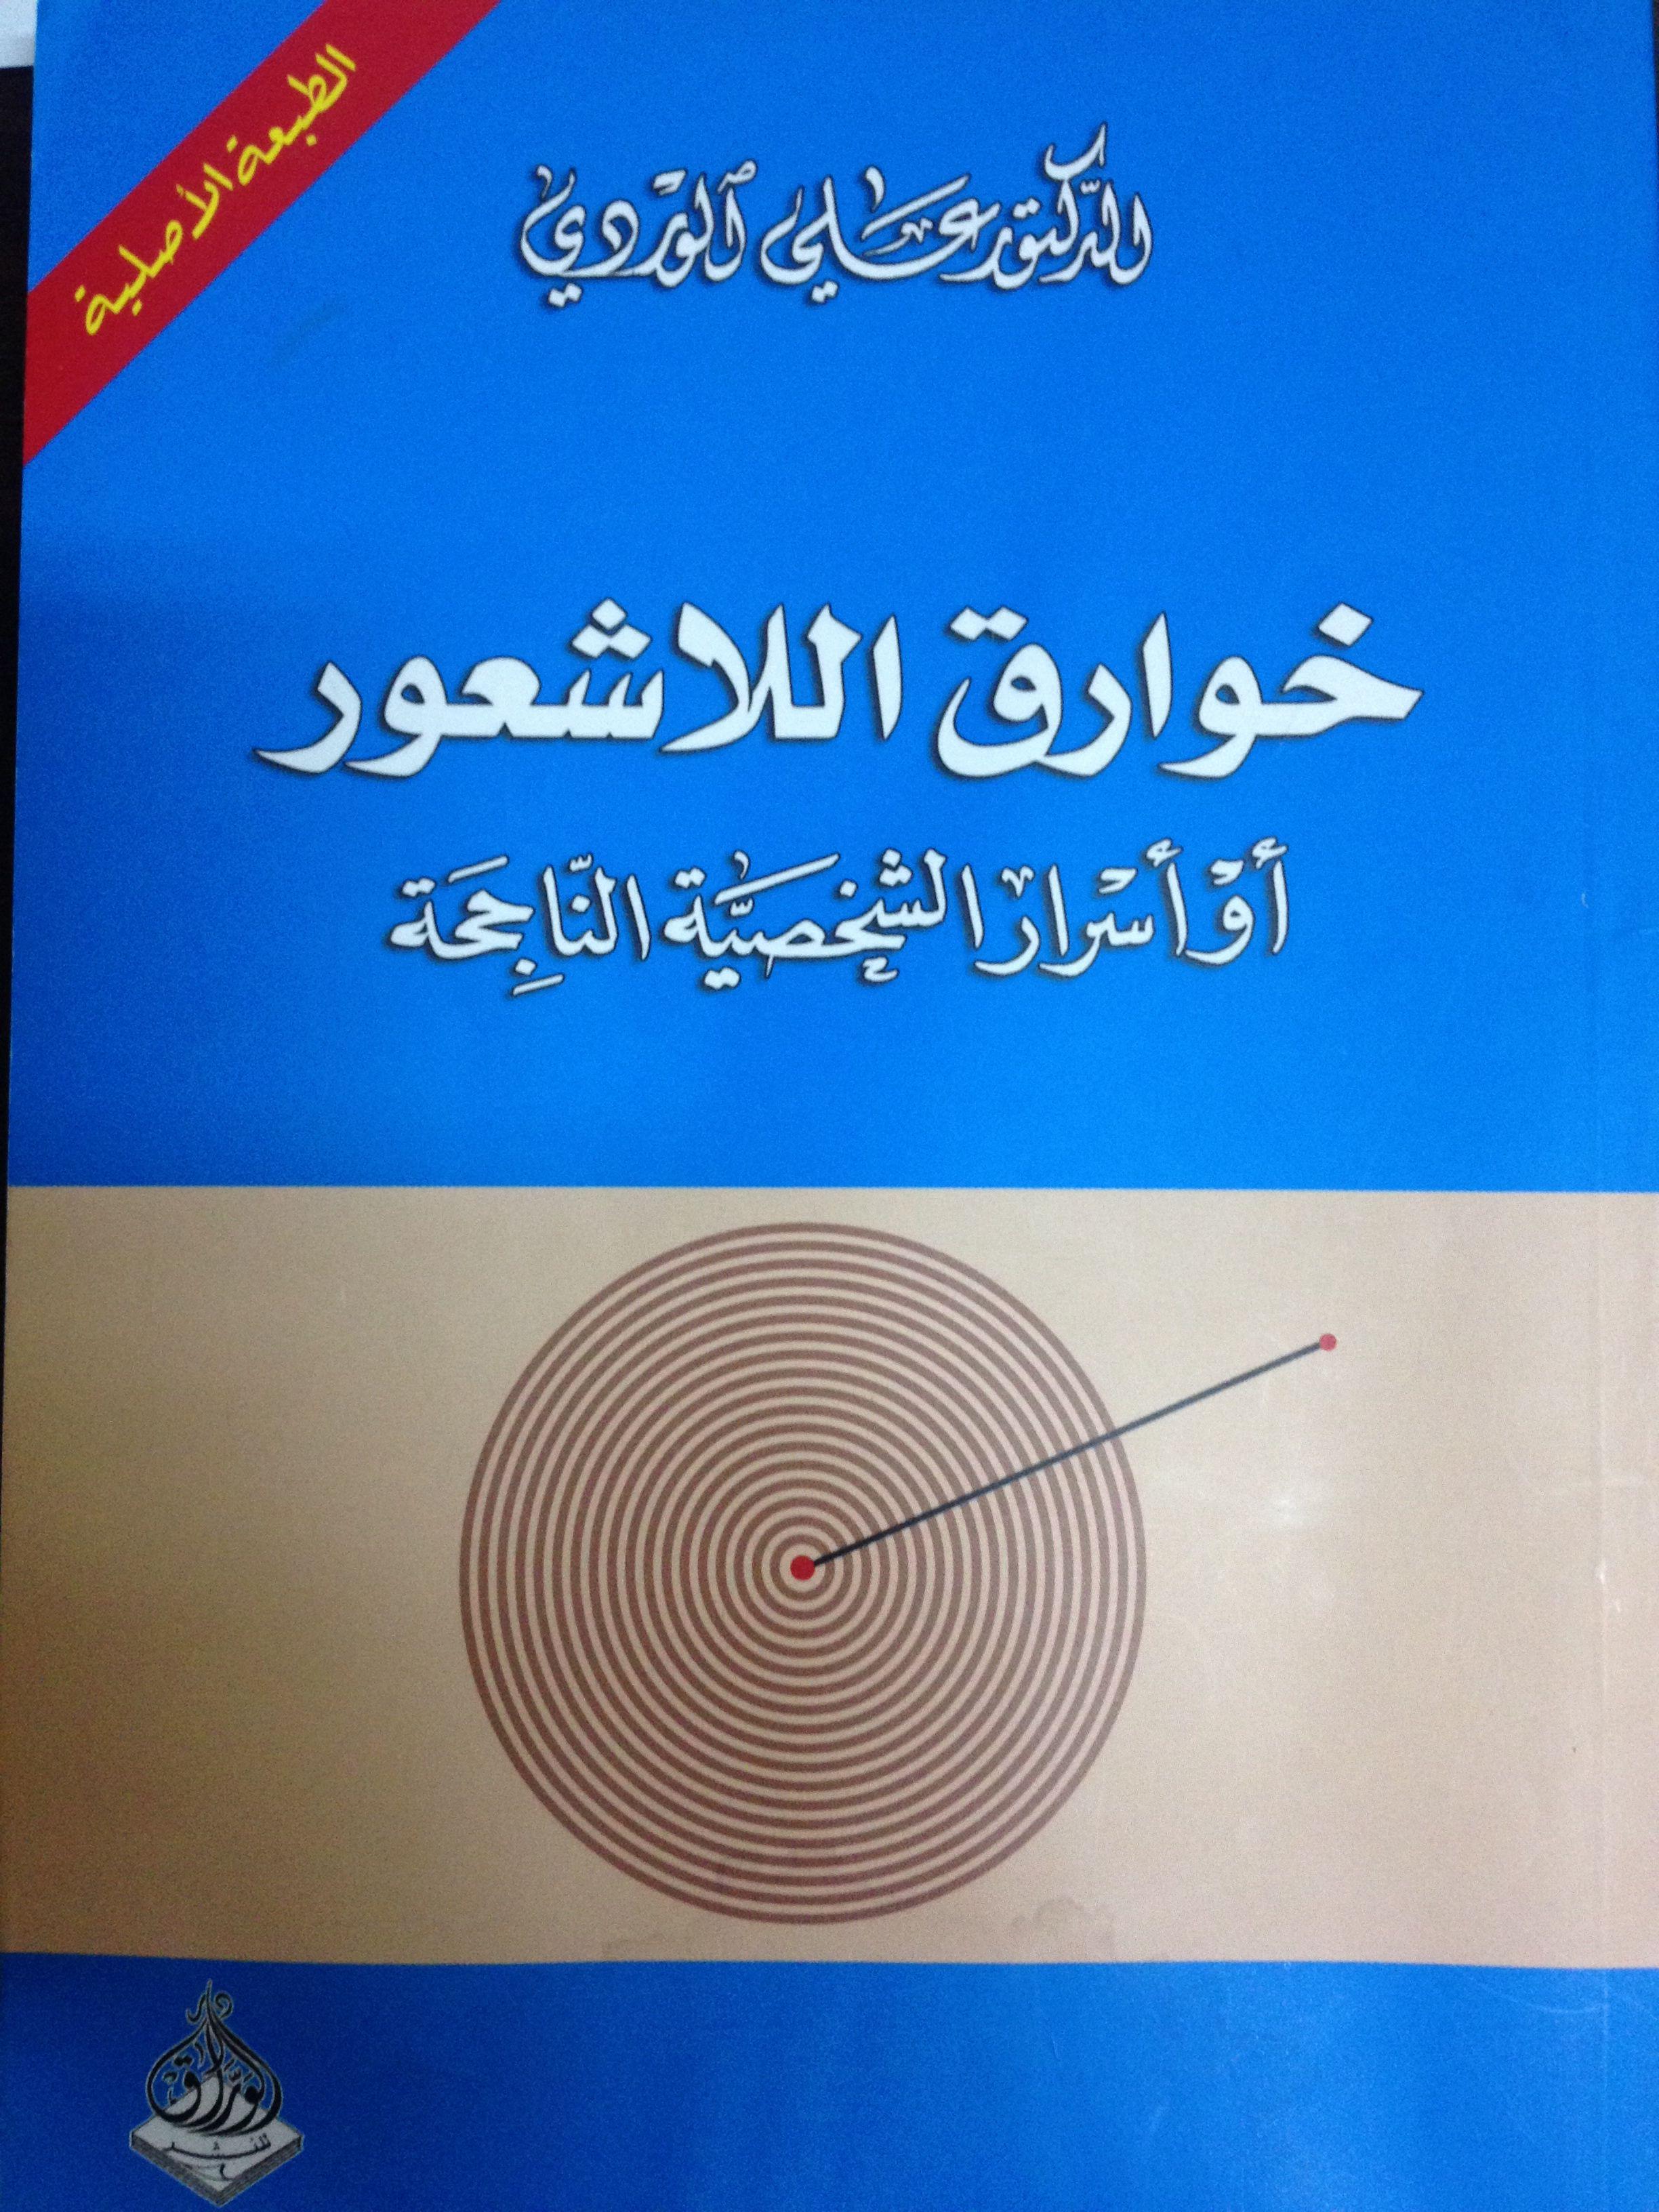 الدكتور علي الوردي خوارق اللا شعور الكتاب العربي Books Books Reading Learning